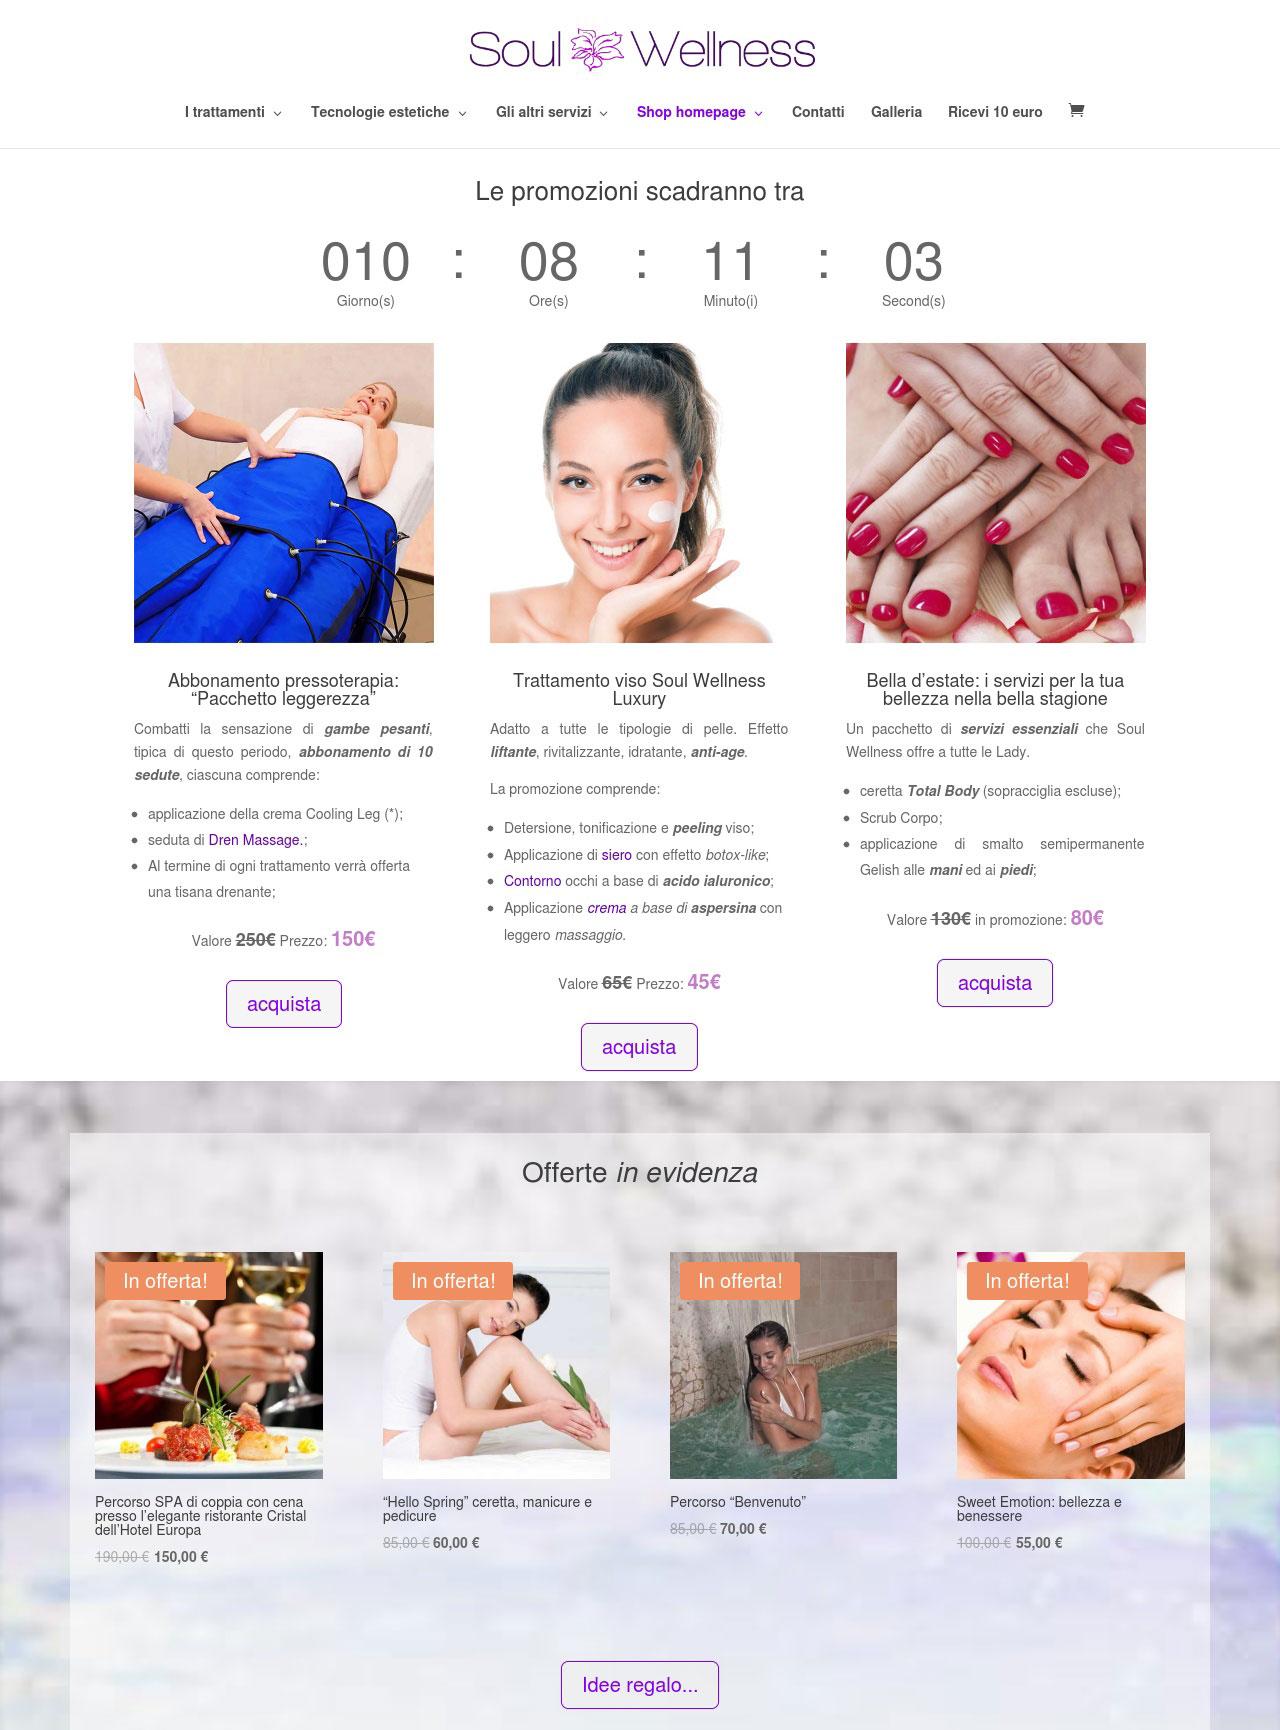 Portfolio: il sito di Soul Wellness, sezione shop